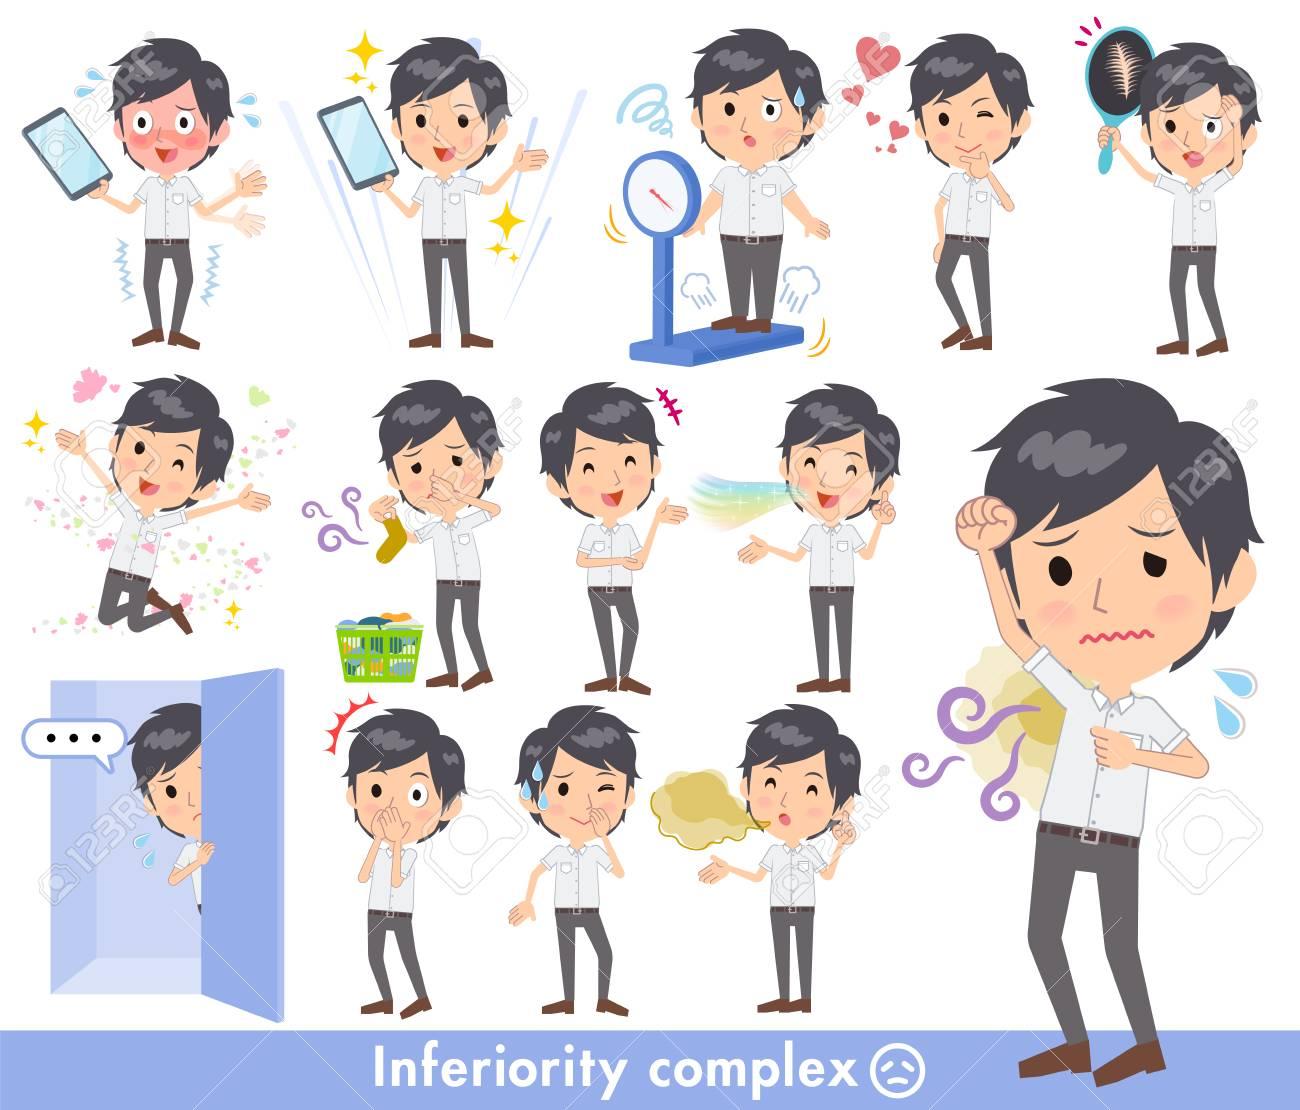 White short sleeved men doing various tasks - 91316755